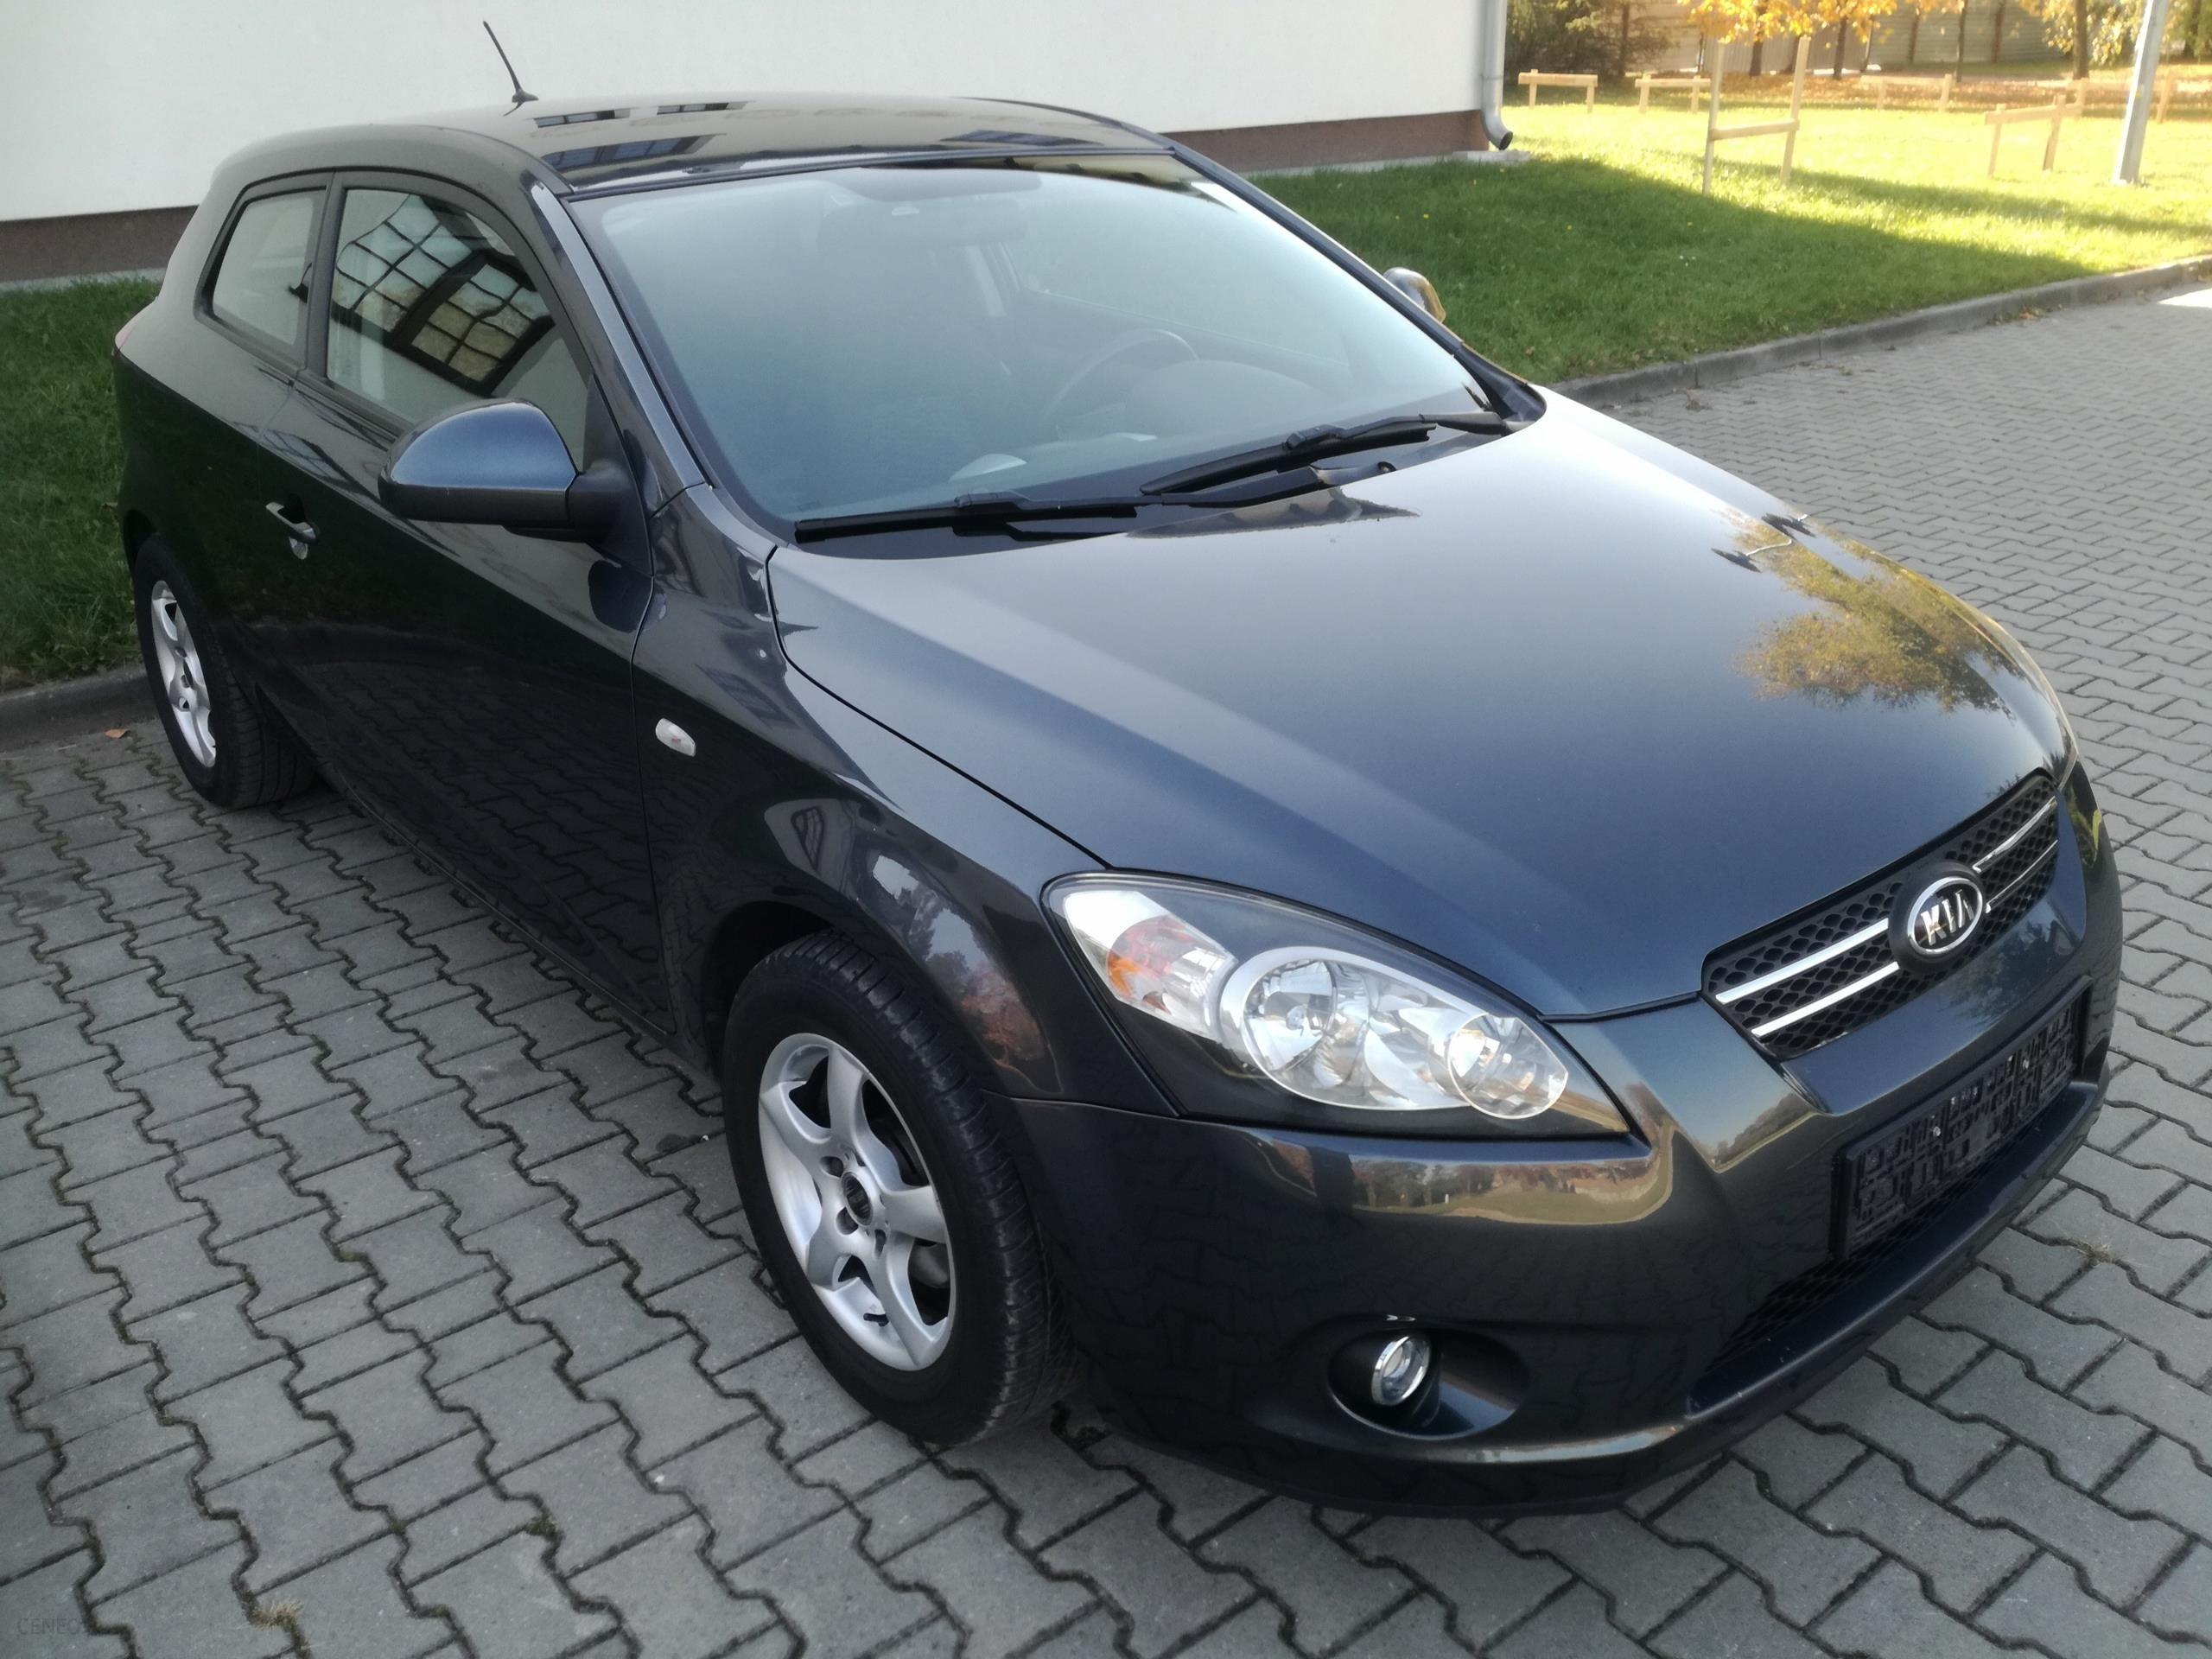 Kia Pro Ceed 1 6 Benzyna 125 Ps Oplacony Szwajcar Opinie I Ceny Na Ceneo Pl